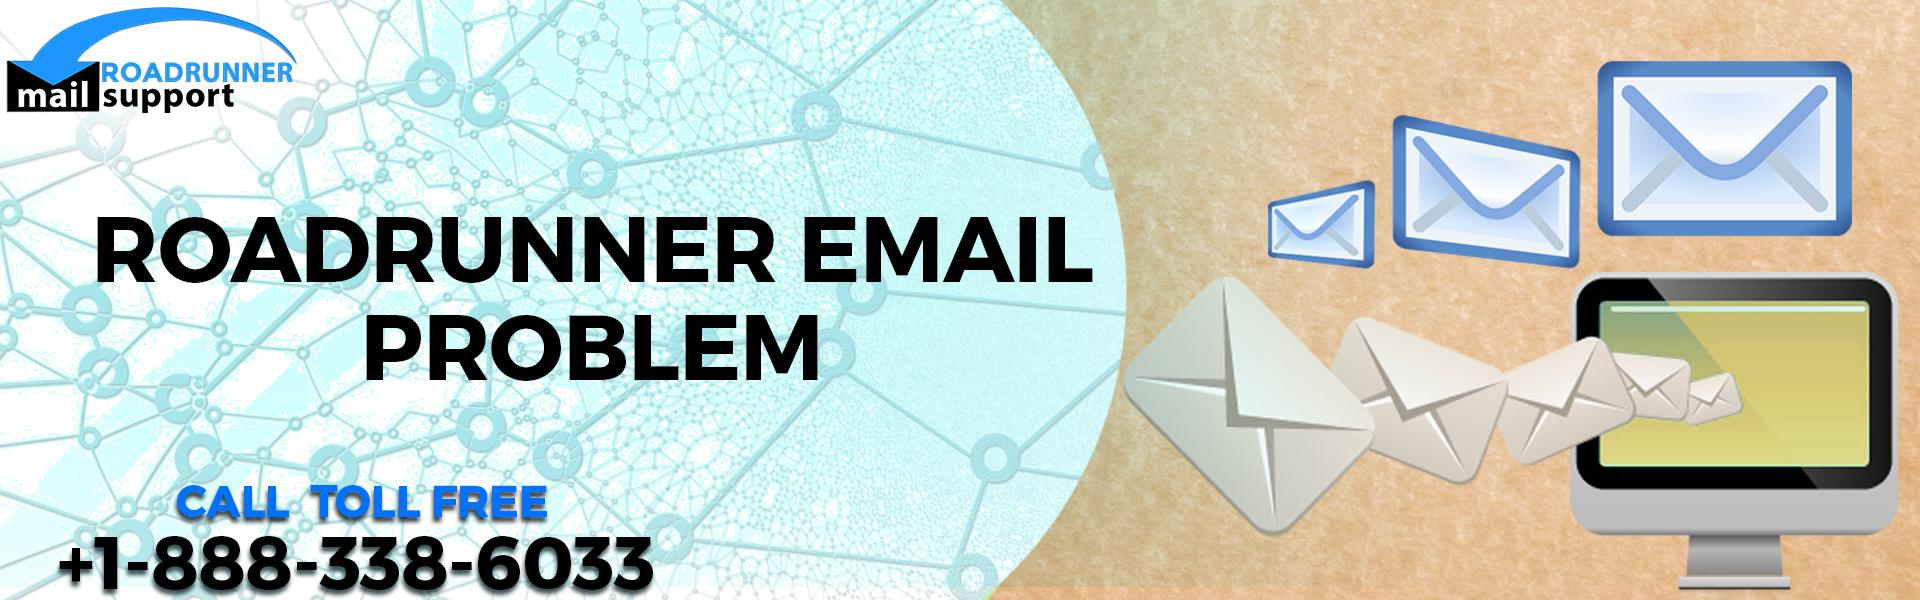 webmail.ca.rr.com